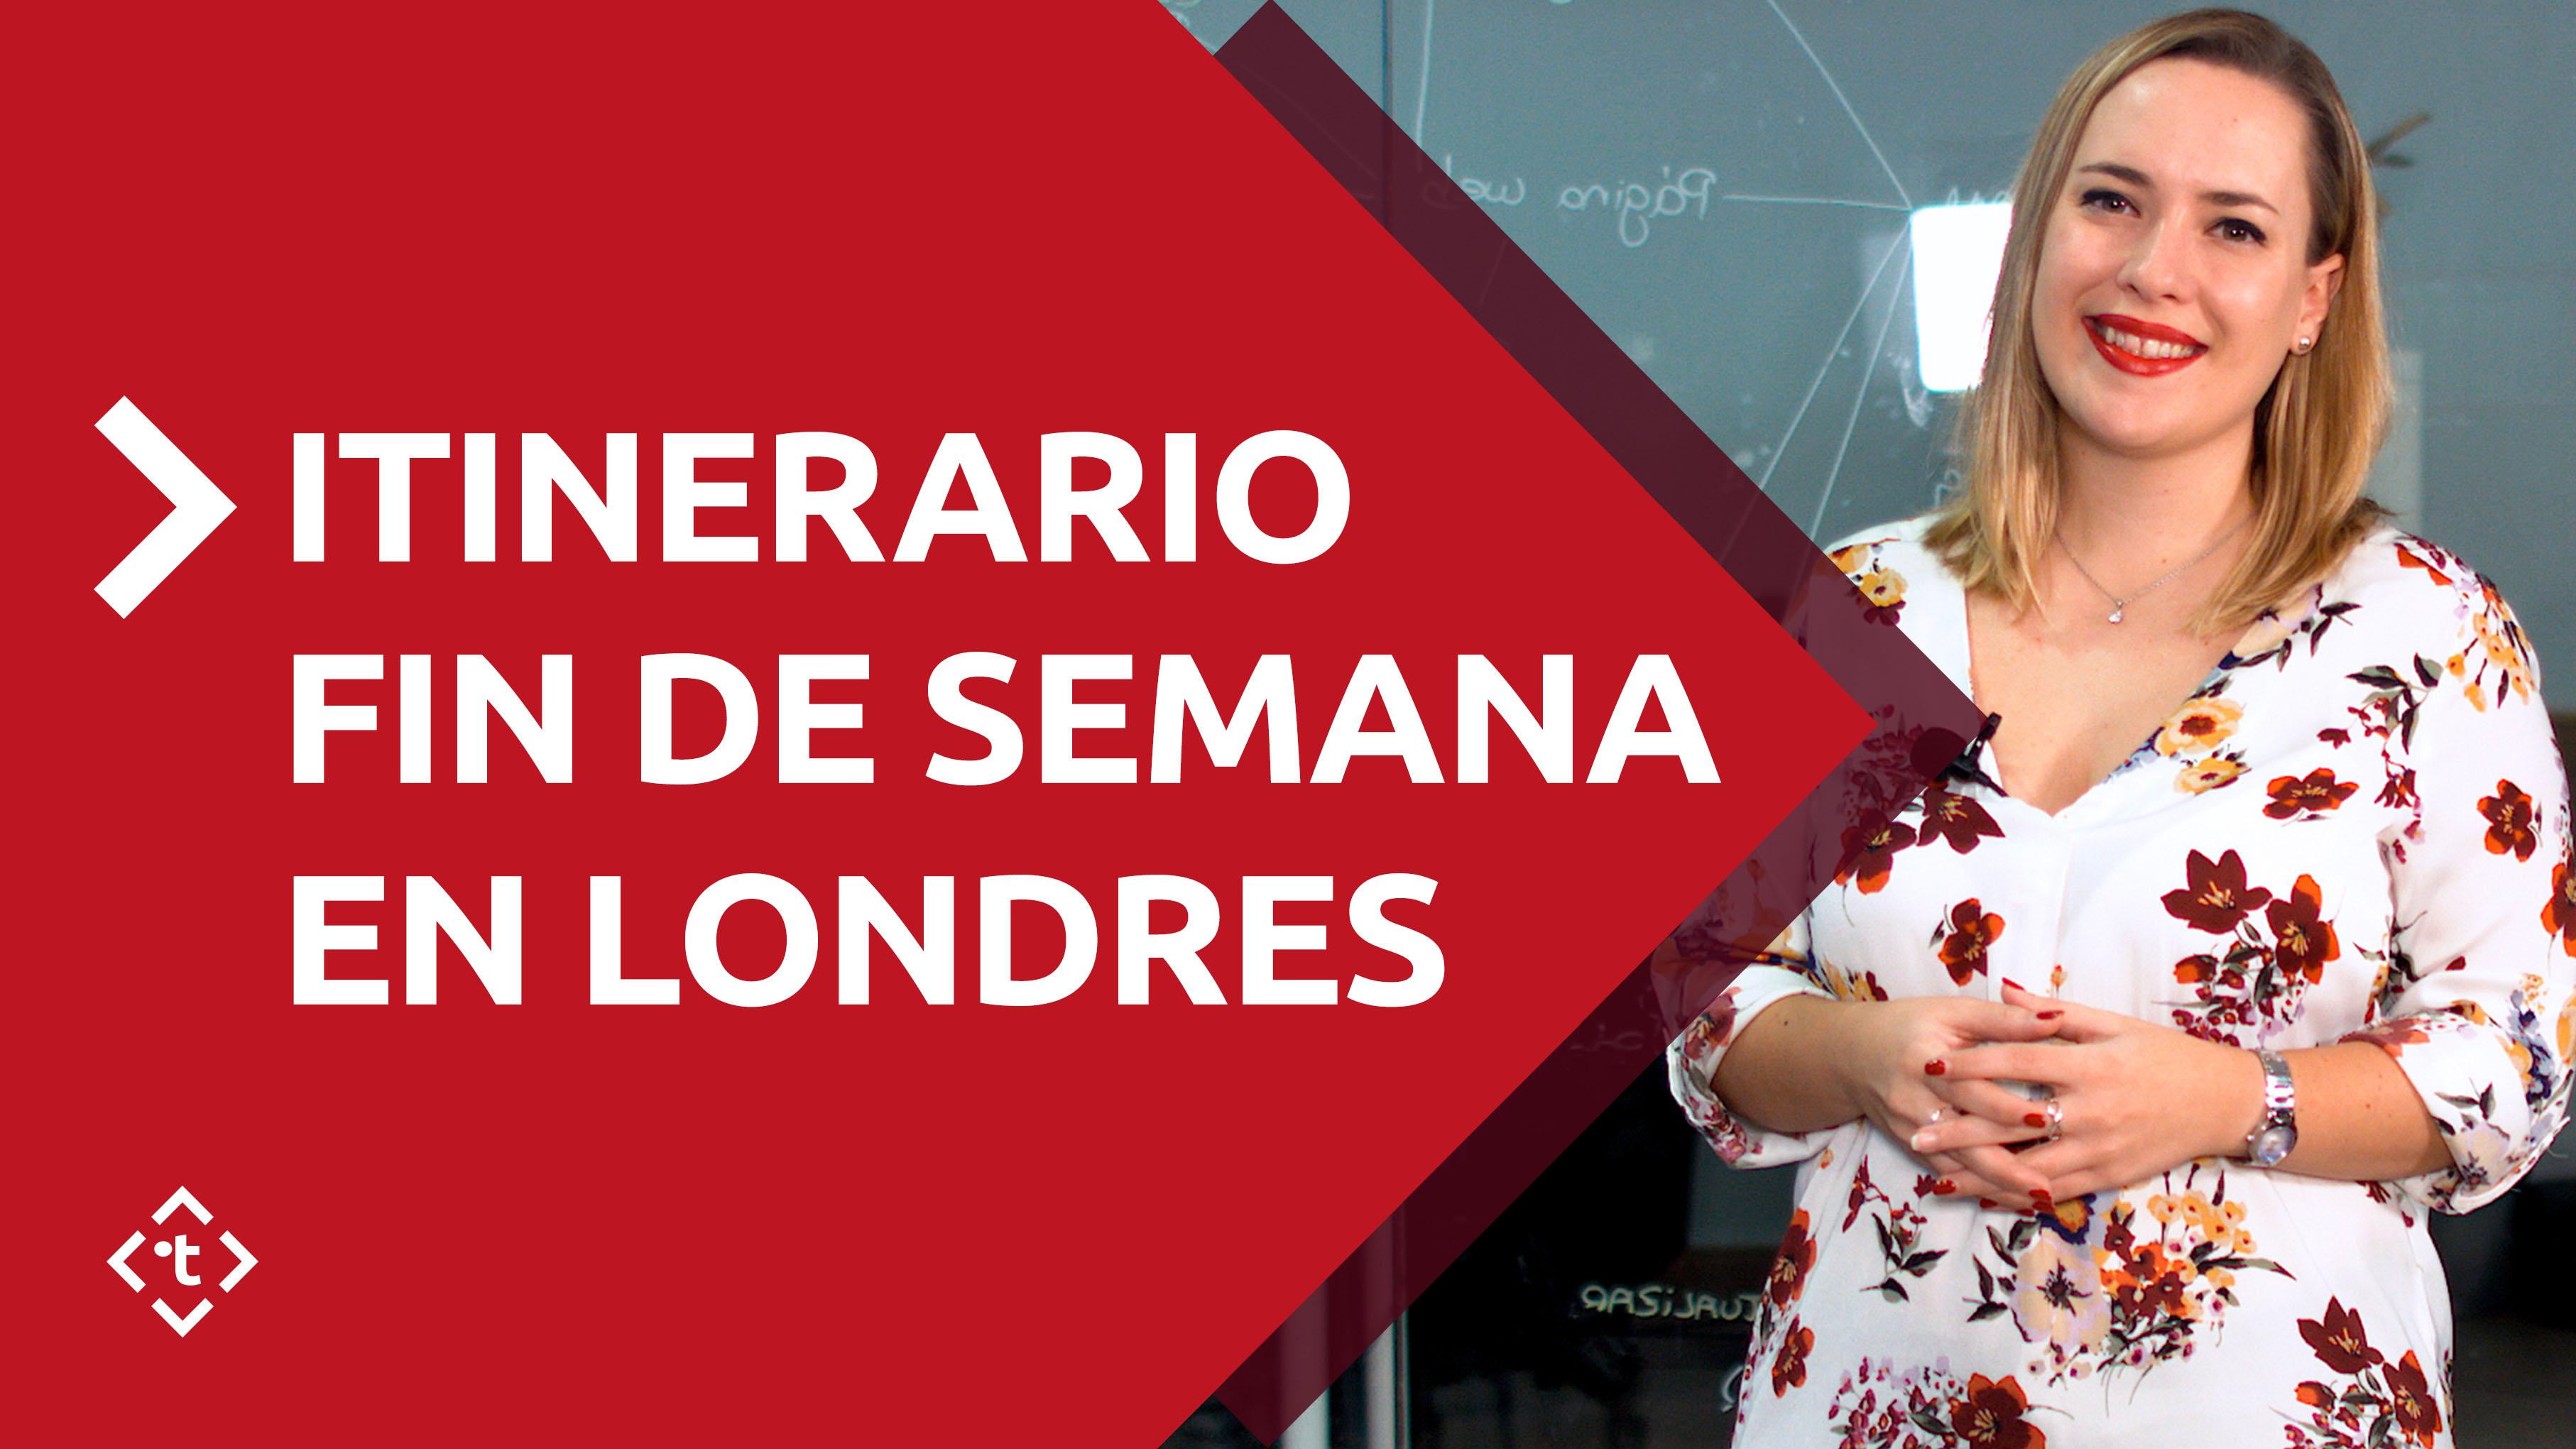 ITINERARIO FIN DE SEMANA EN LONDRES